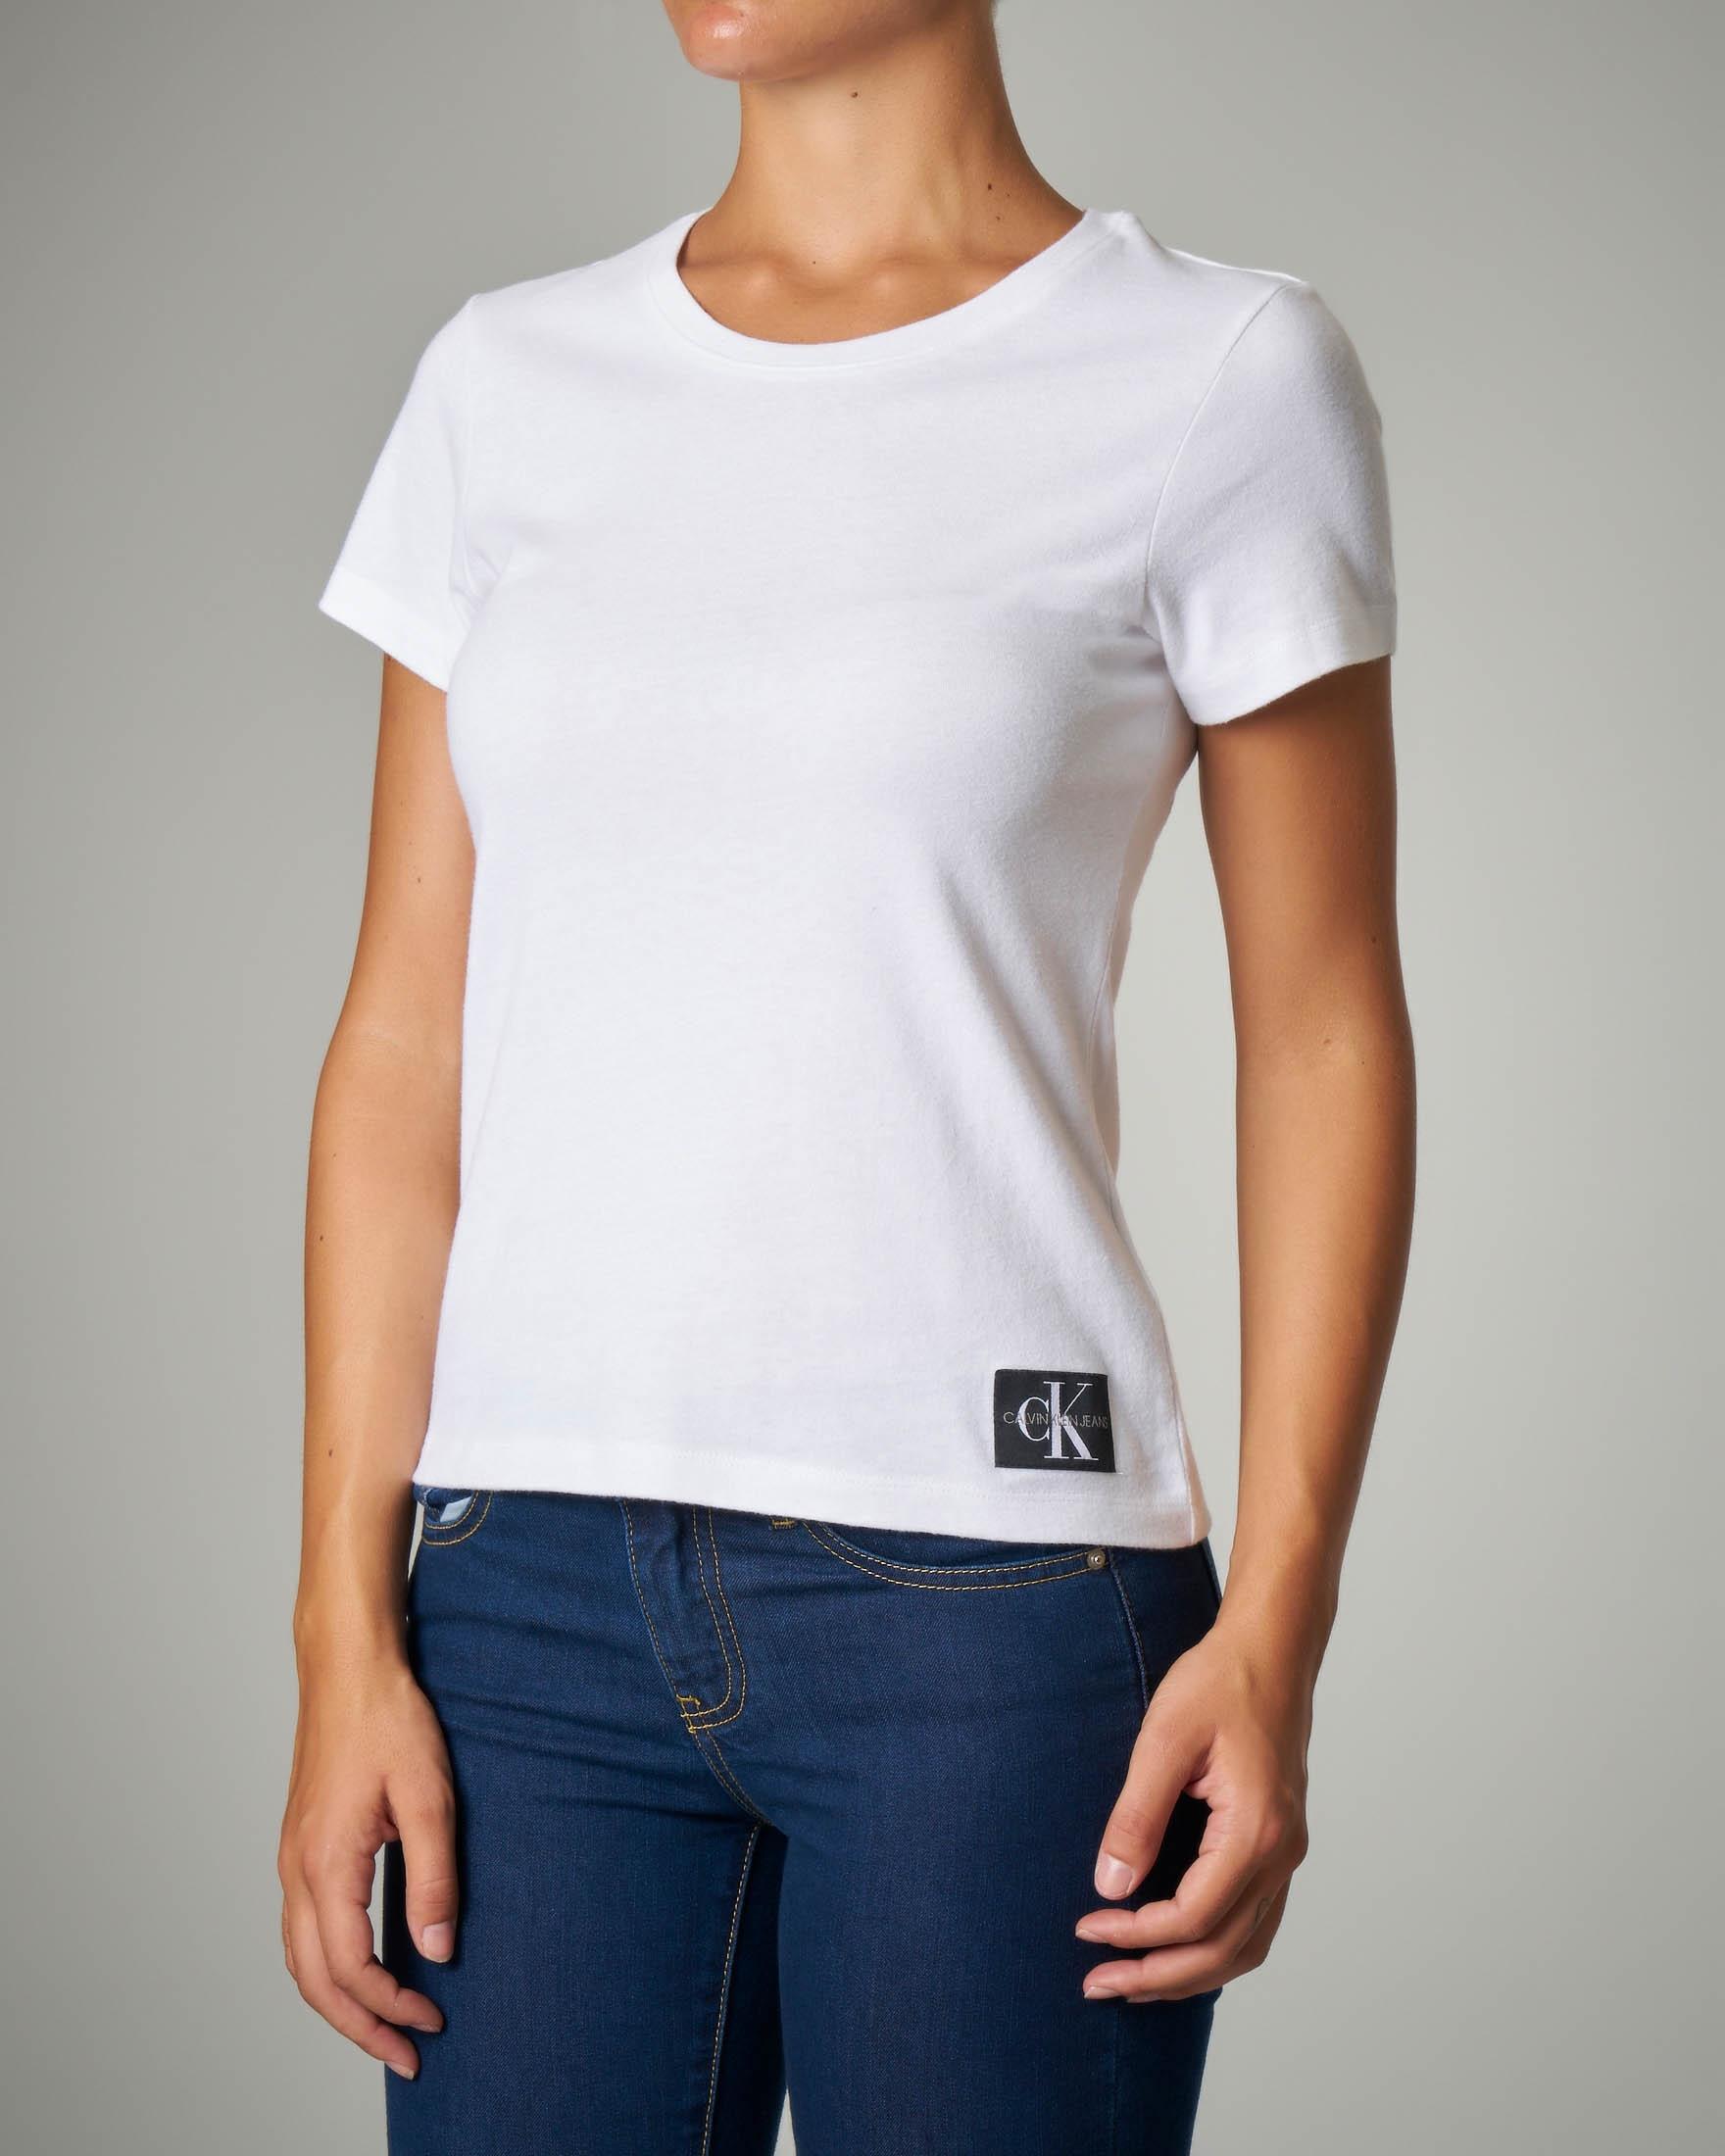 T-shirt bianca in cotone maniche corte